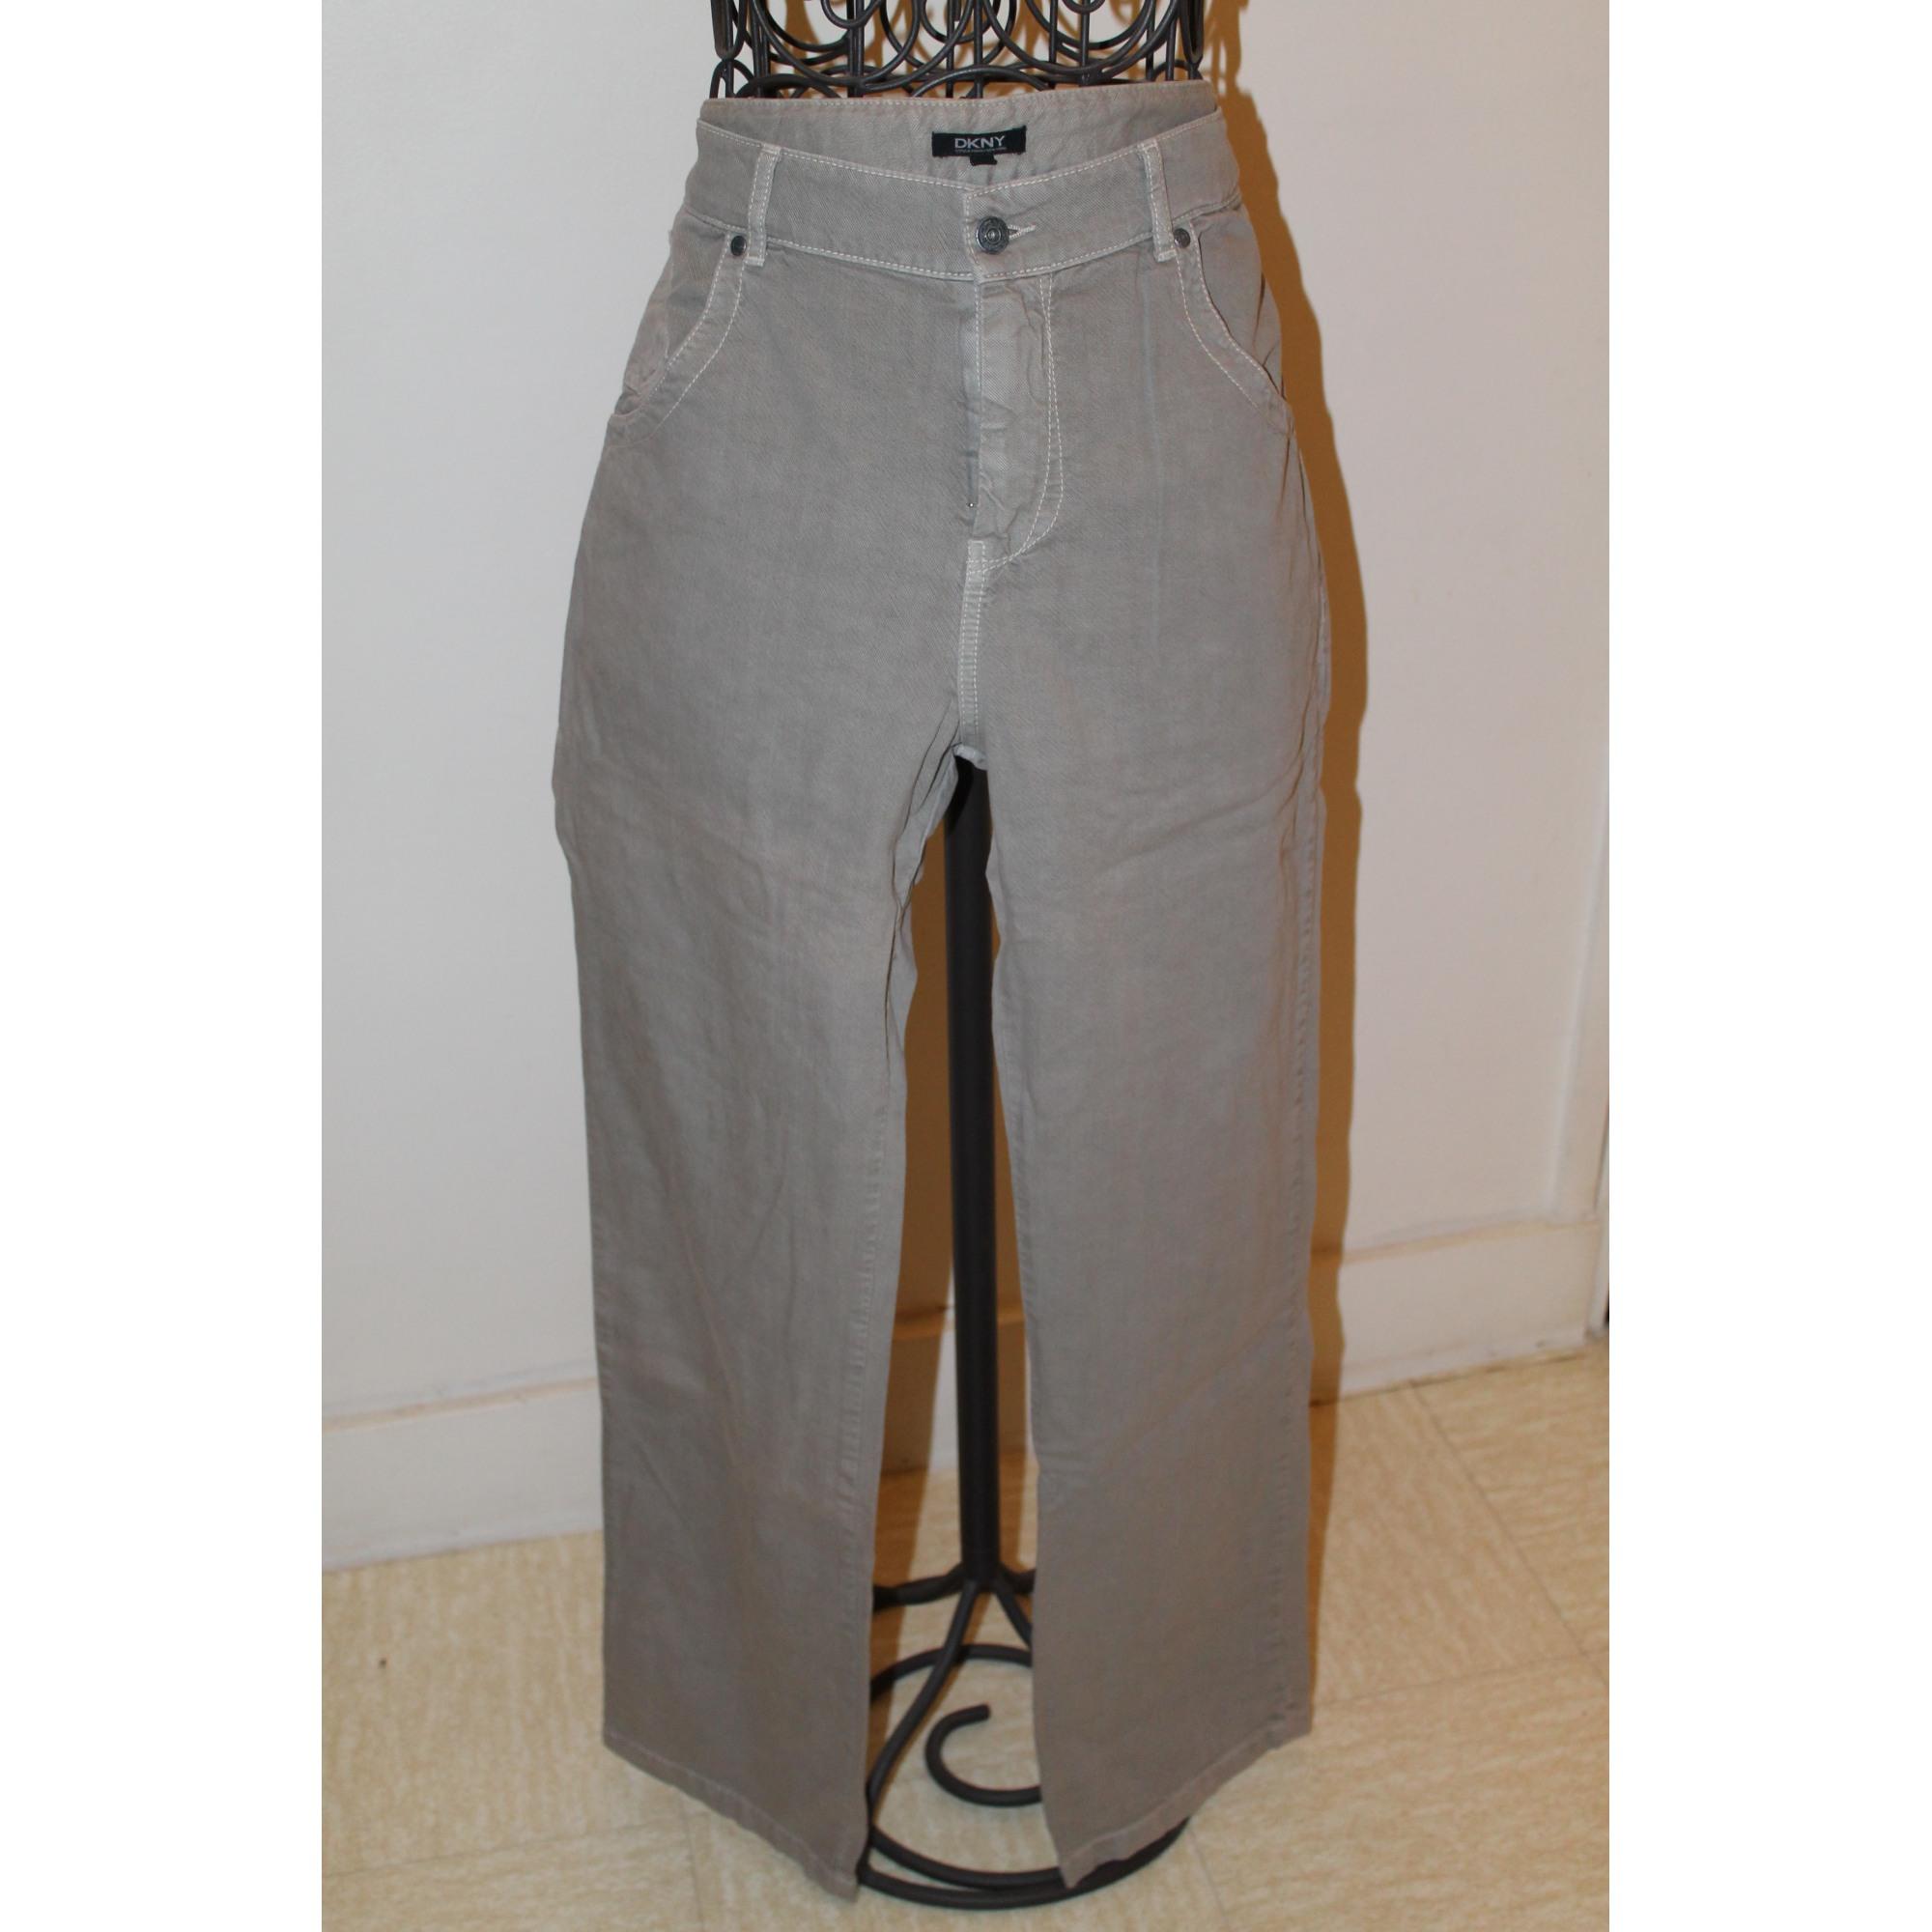 Pantalon DKNY Beige, camel